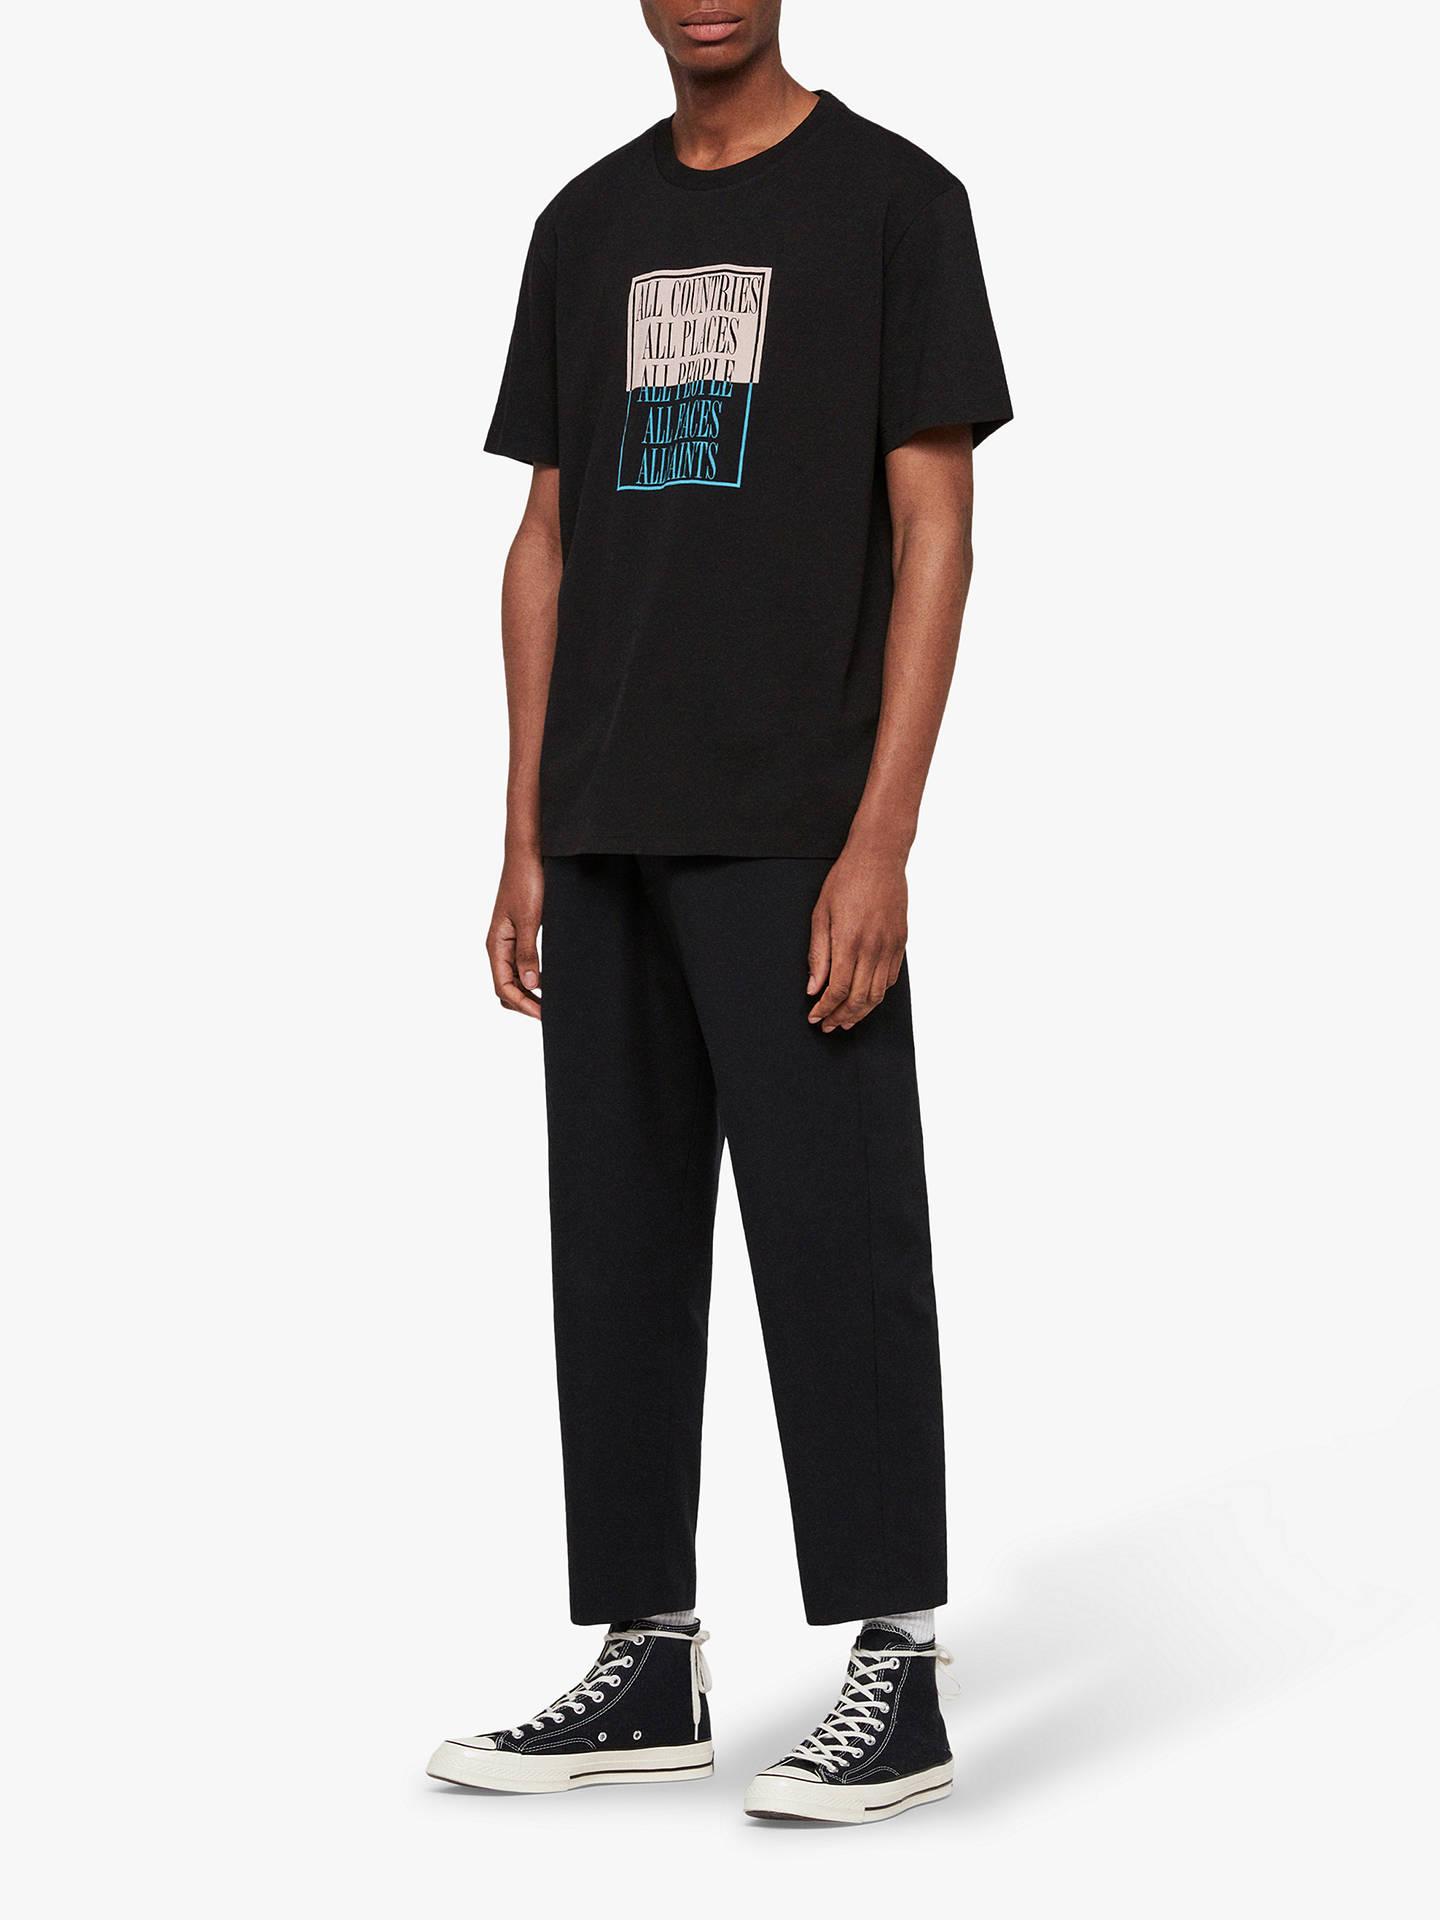 2fbb9ca76 ... Buy AllSaints Embrace Graphic Crew T-Shirt, Jet Black, L Online at  johnlewis ...